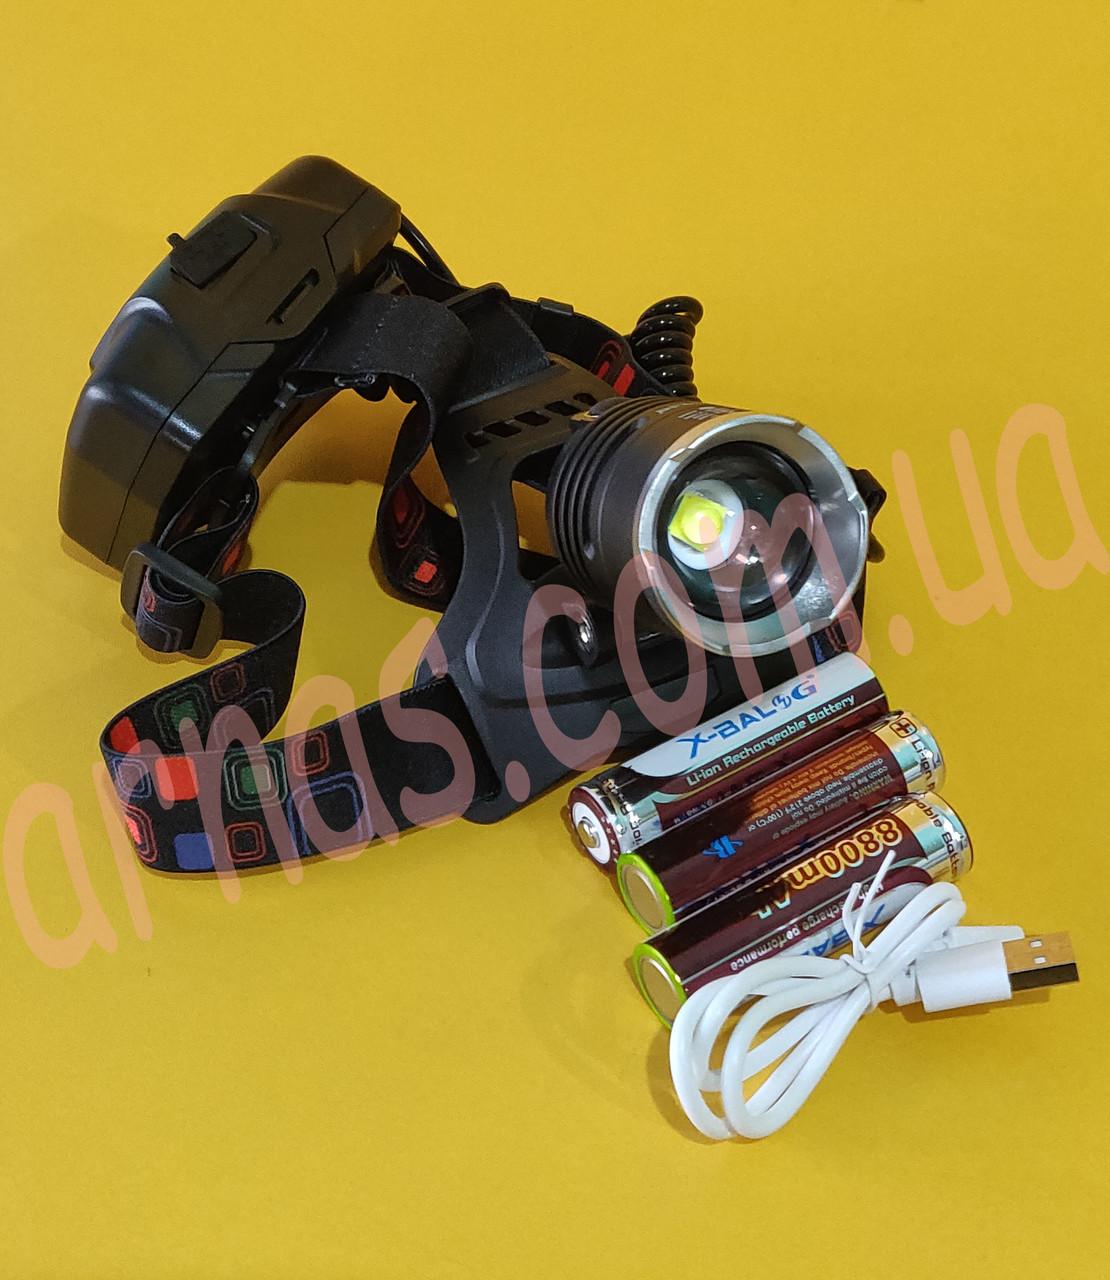 Аккумуляторный налобный фонарь BL-850-P50